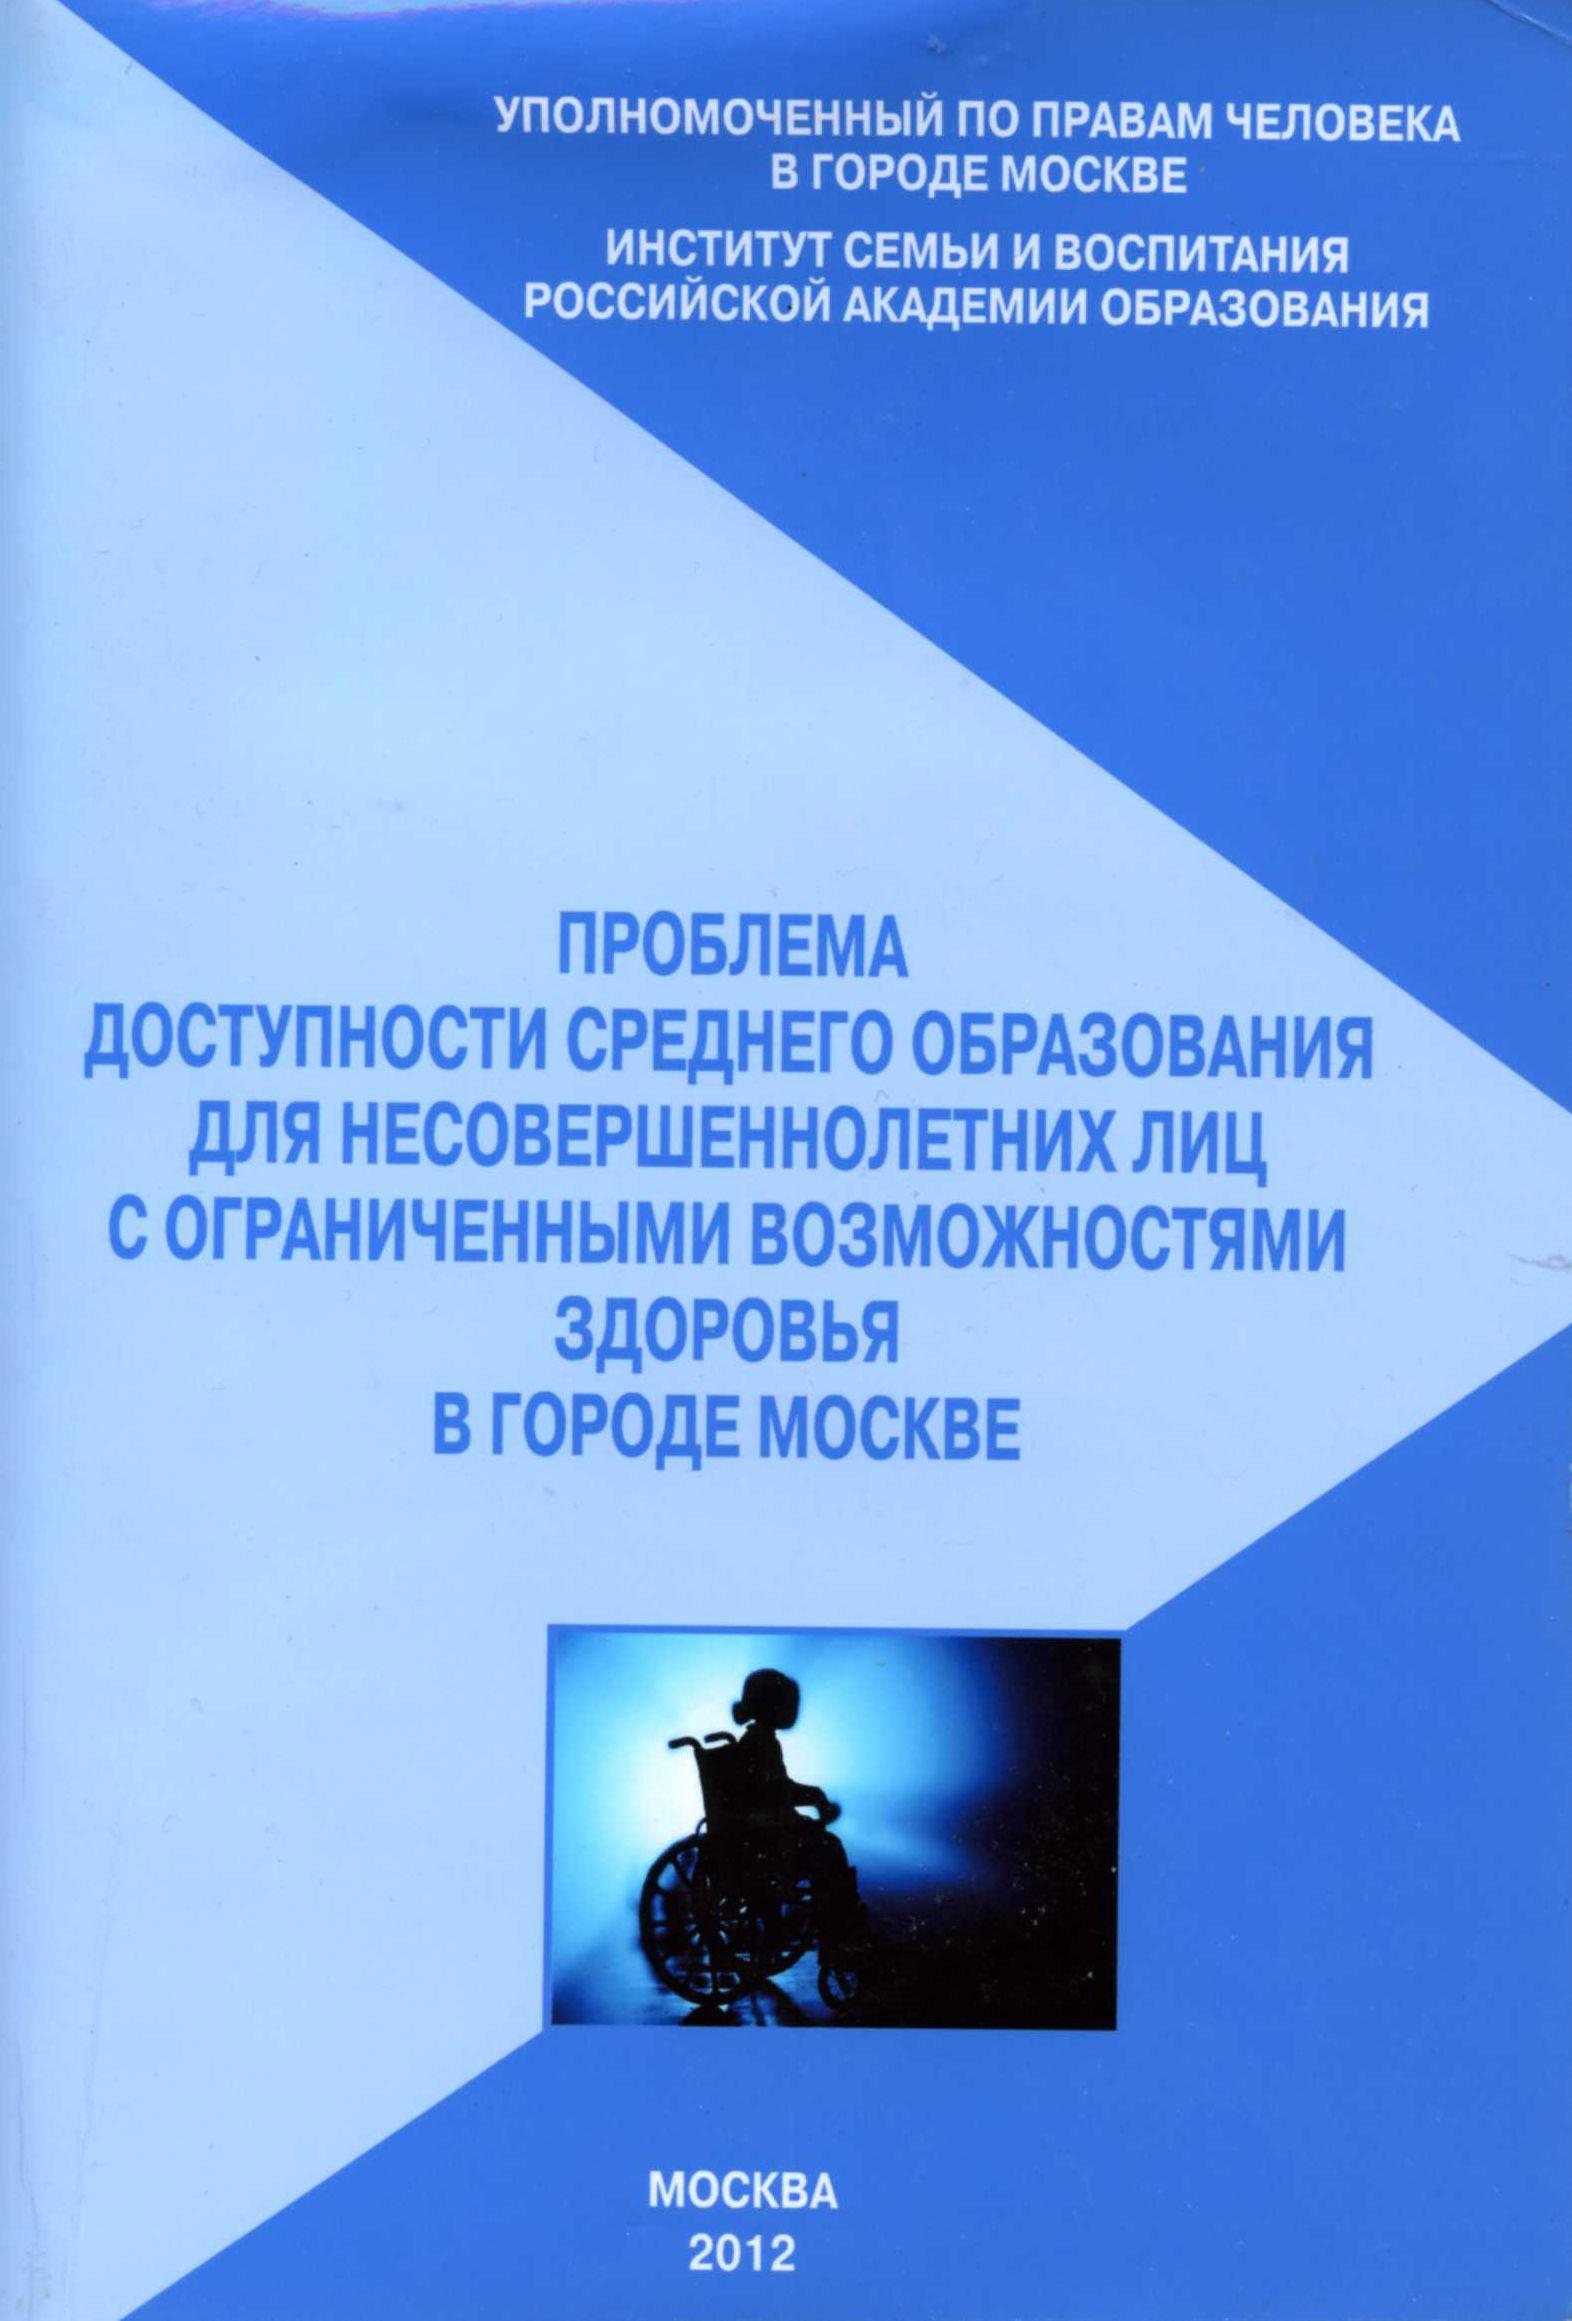 Проблема доступности среднего образования для несовершеннолетних лиц с ограниченными возможностями здоровья в г. Москве